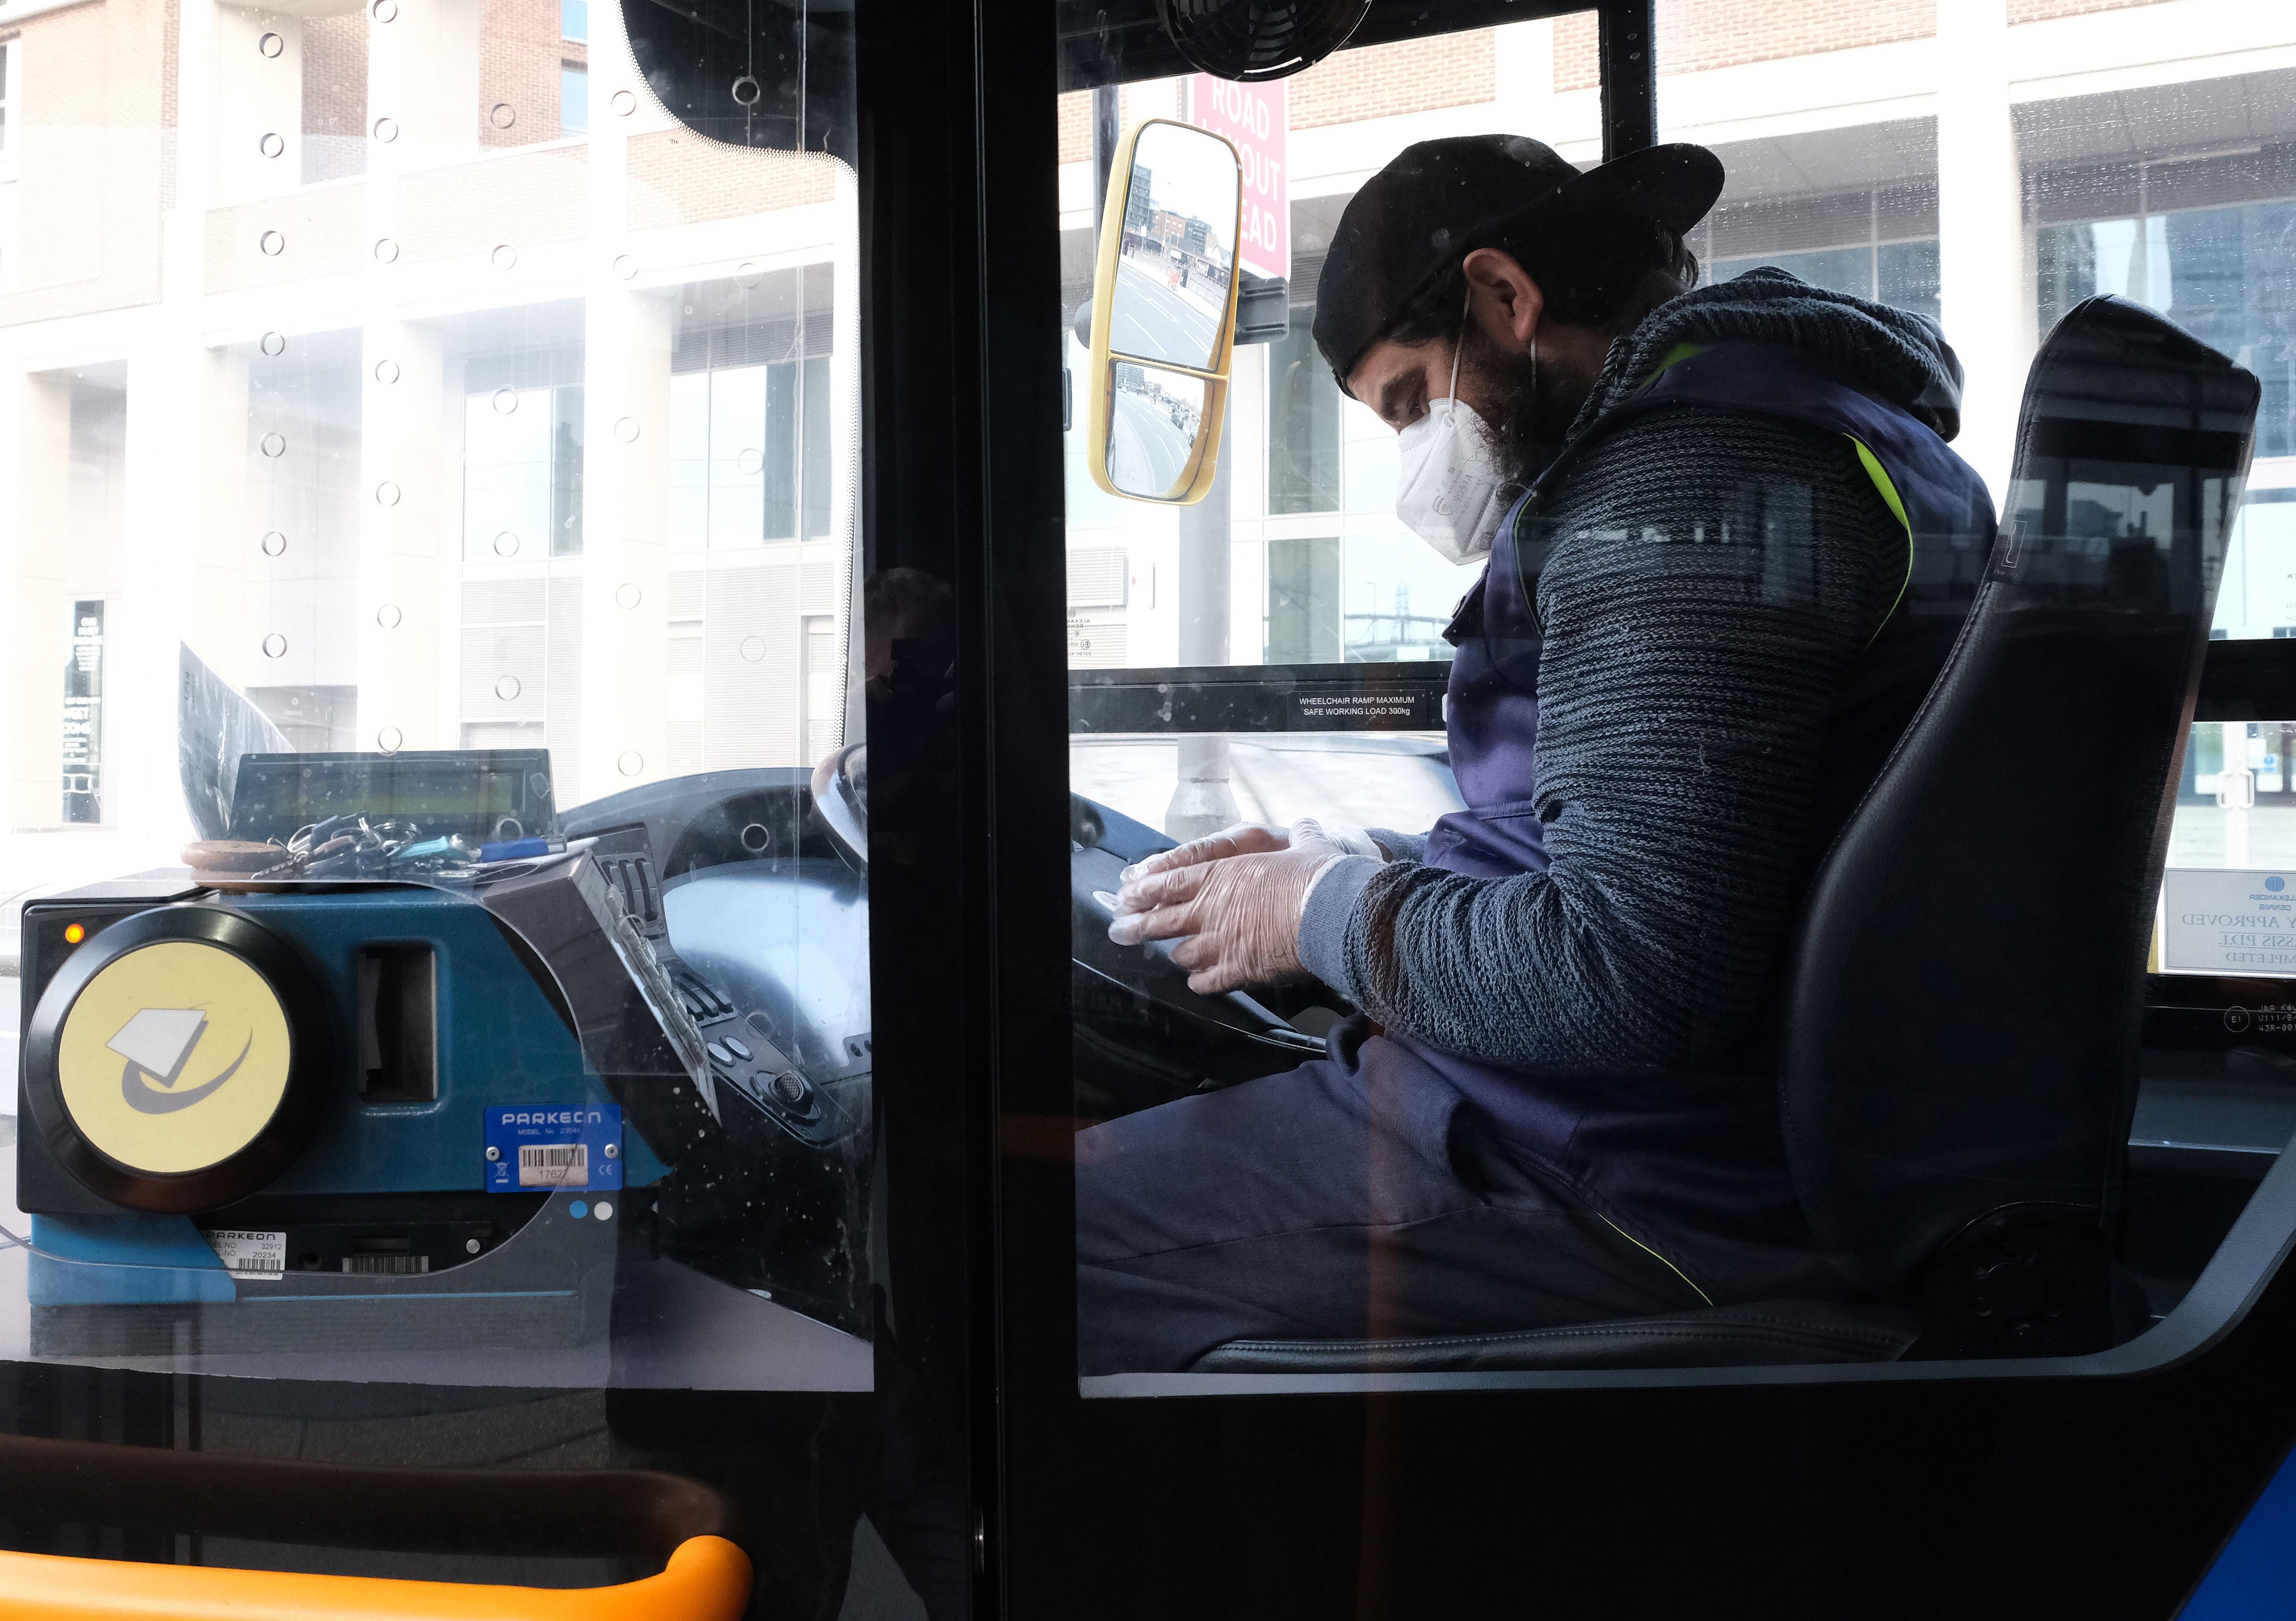 Mortes de motoristas de ônibus por coronavírus expõem riscos dos trabalhadores essenciais sem proteção